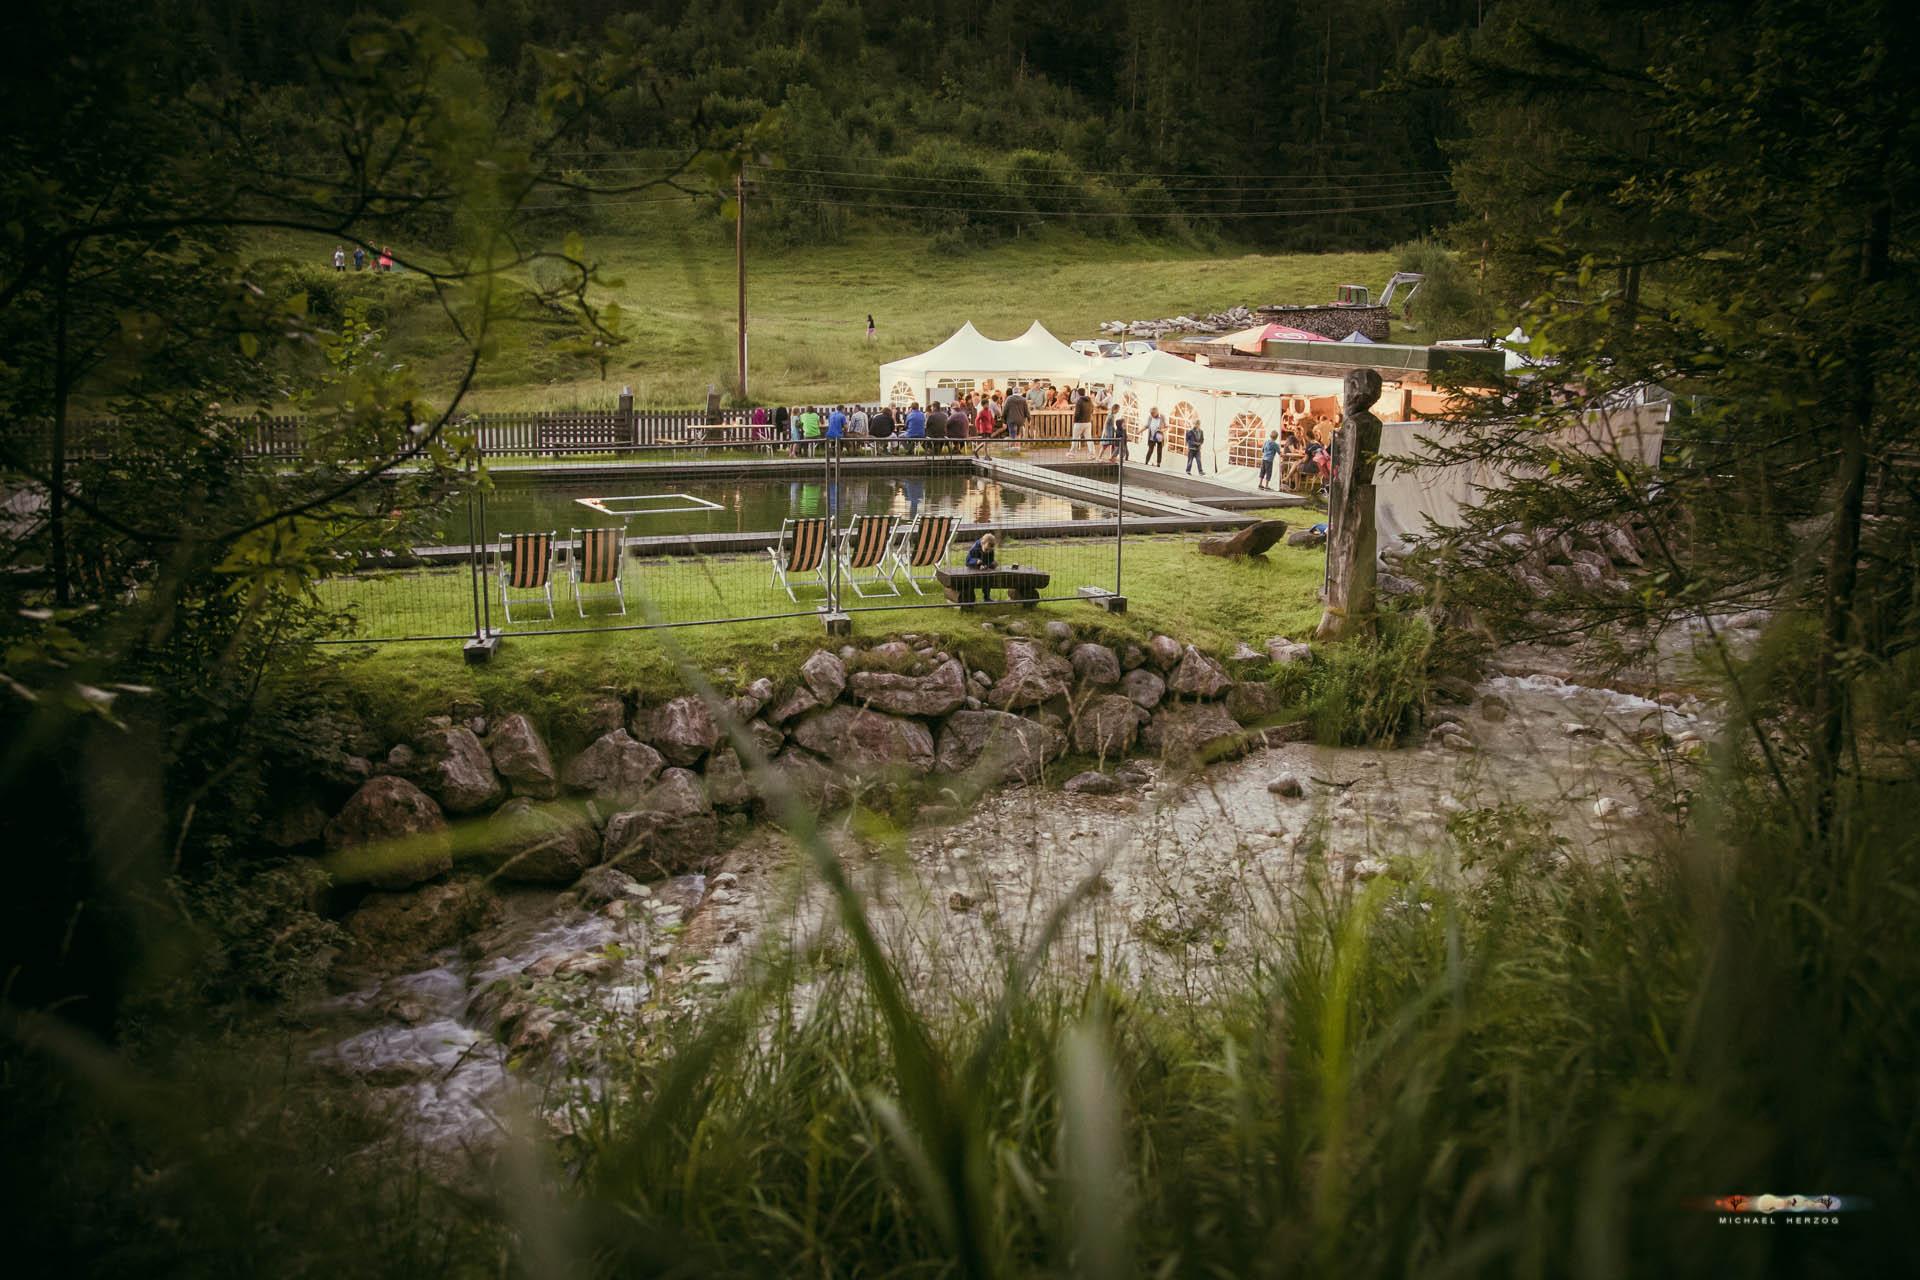 unken_schwimmbadfest_2016-3211.jpg